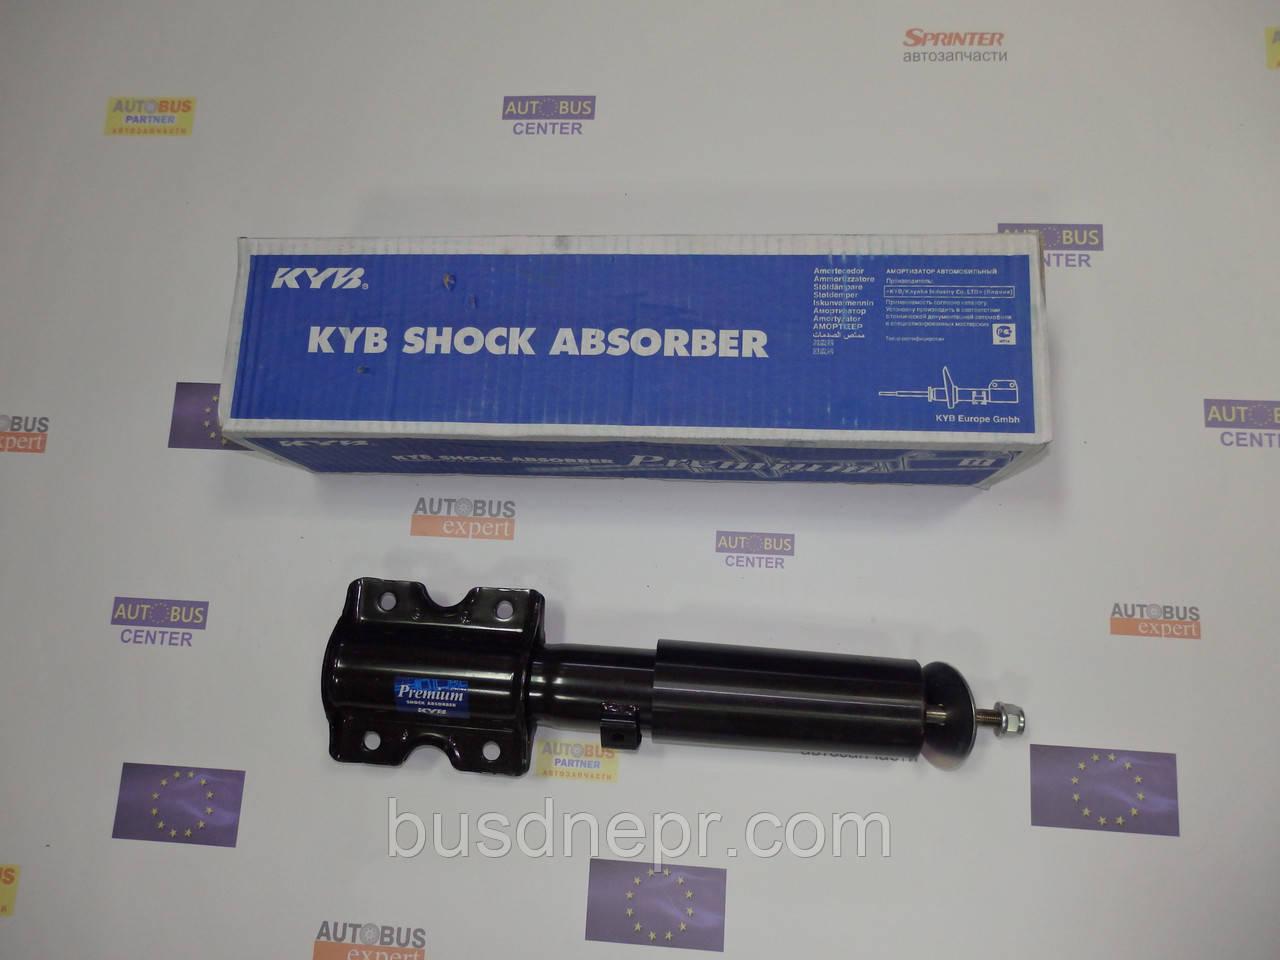 Амортизатор передний/стойка передняя  Форд Транзит 91-00 KYB